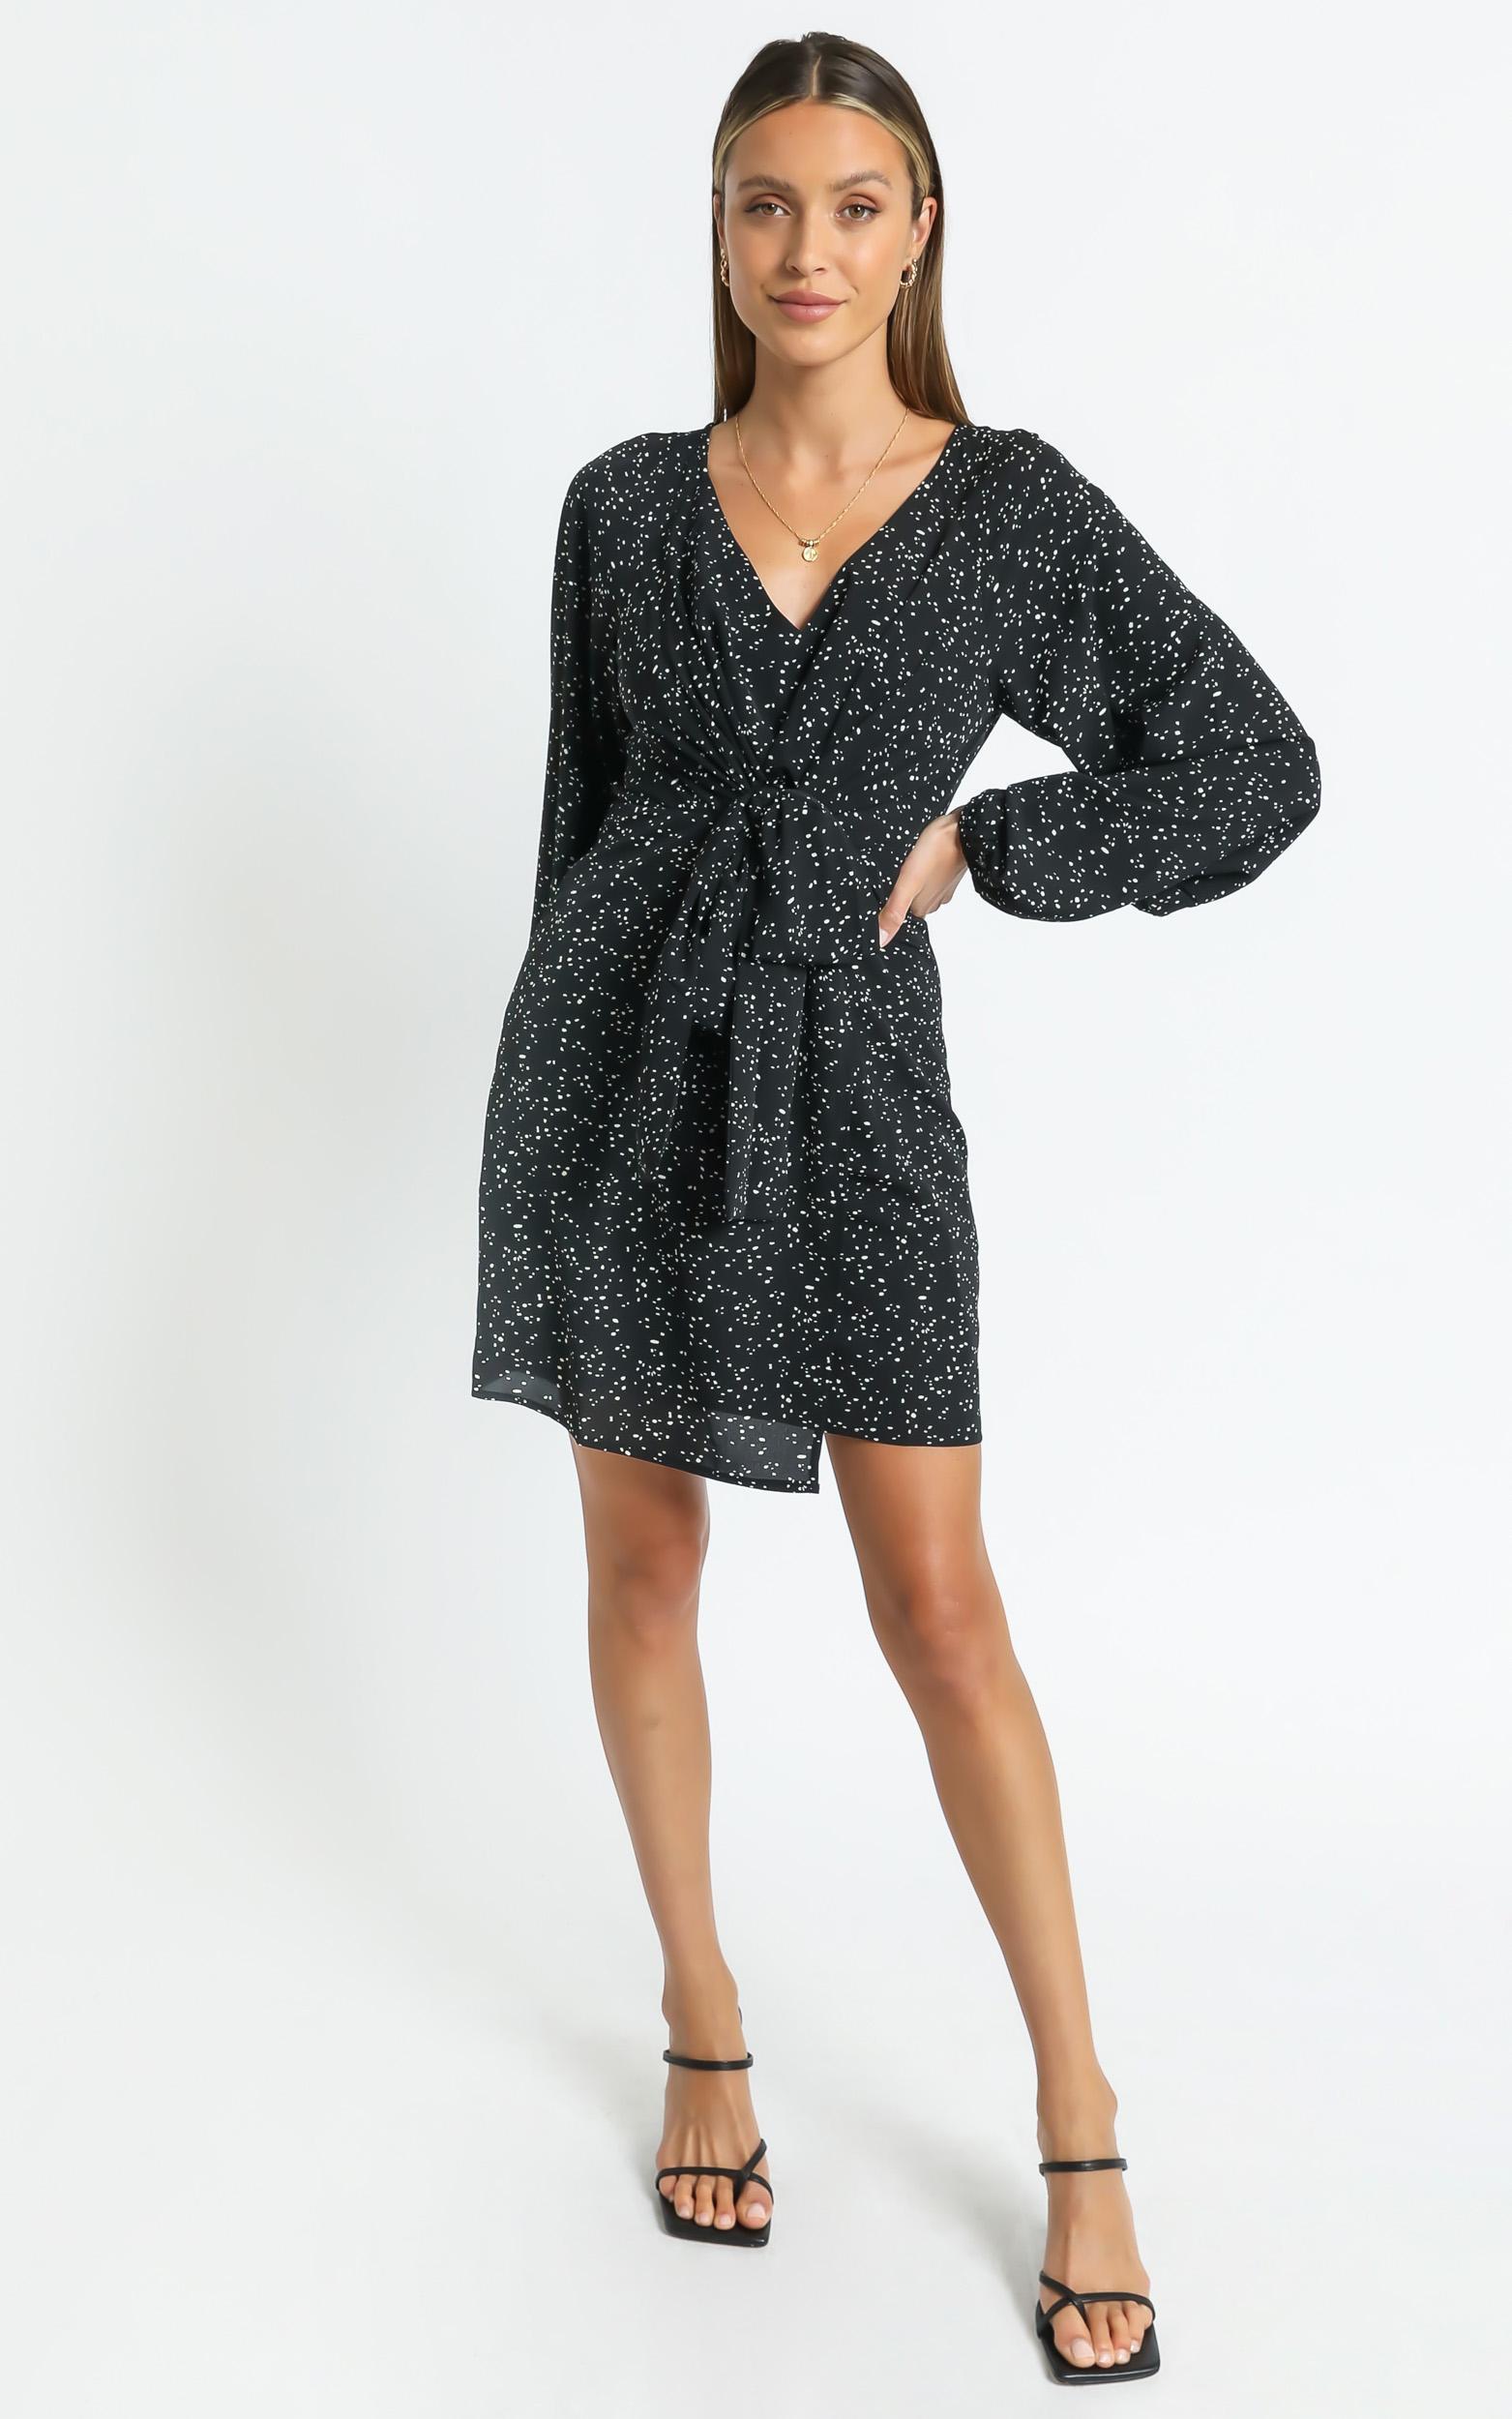 Martina dress in Black Print - 6 (XS), Black, hi-res image number null